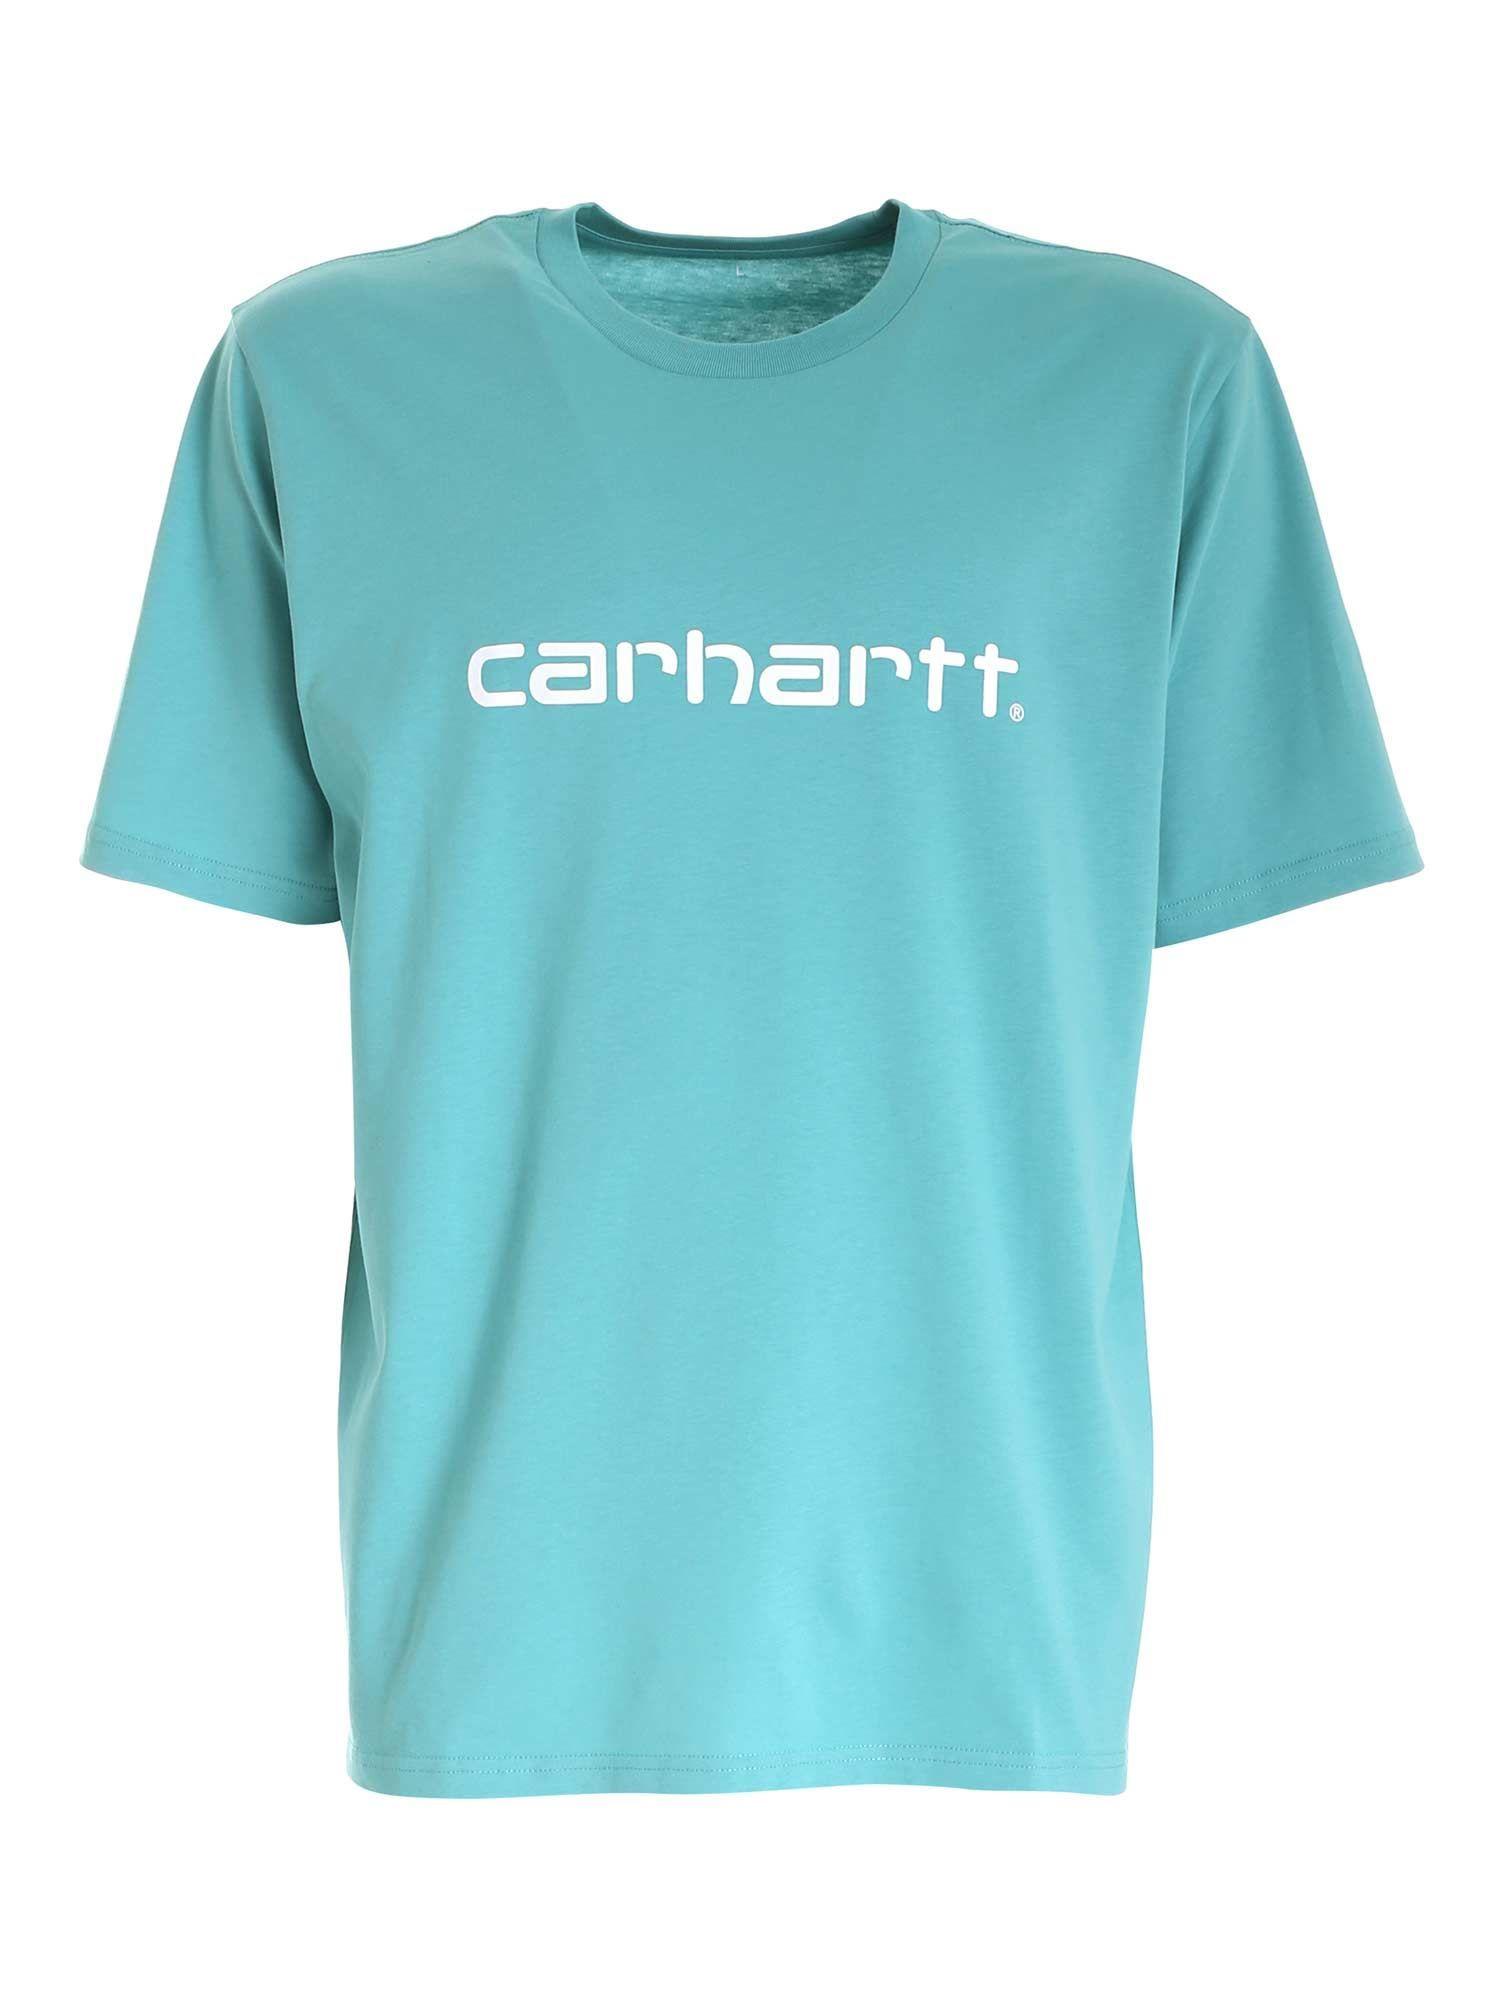 Carhartt Cottons CARHARTT MEN'S LIGHT BLUE COTTON T-SHIRT